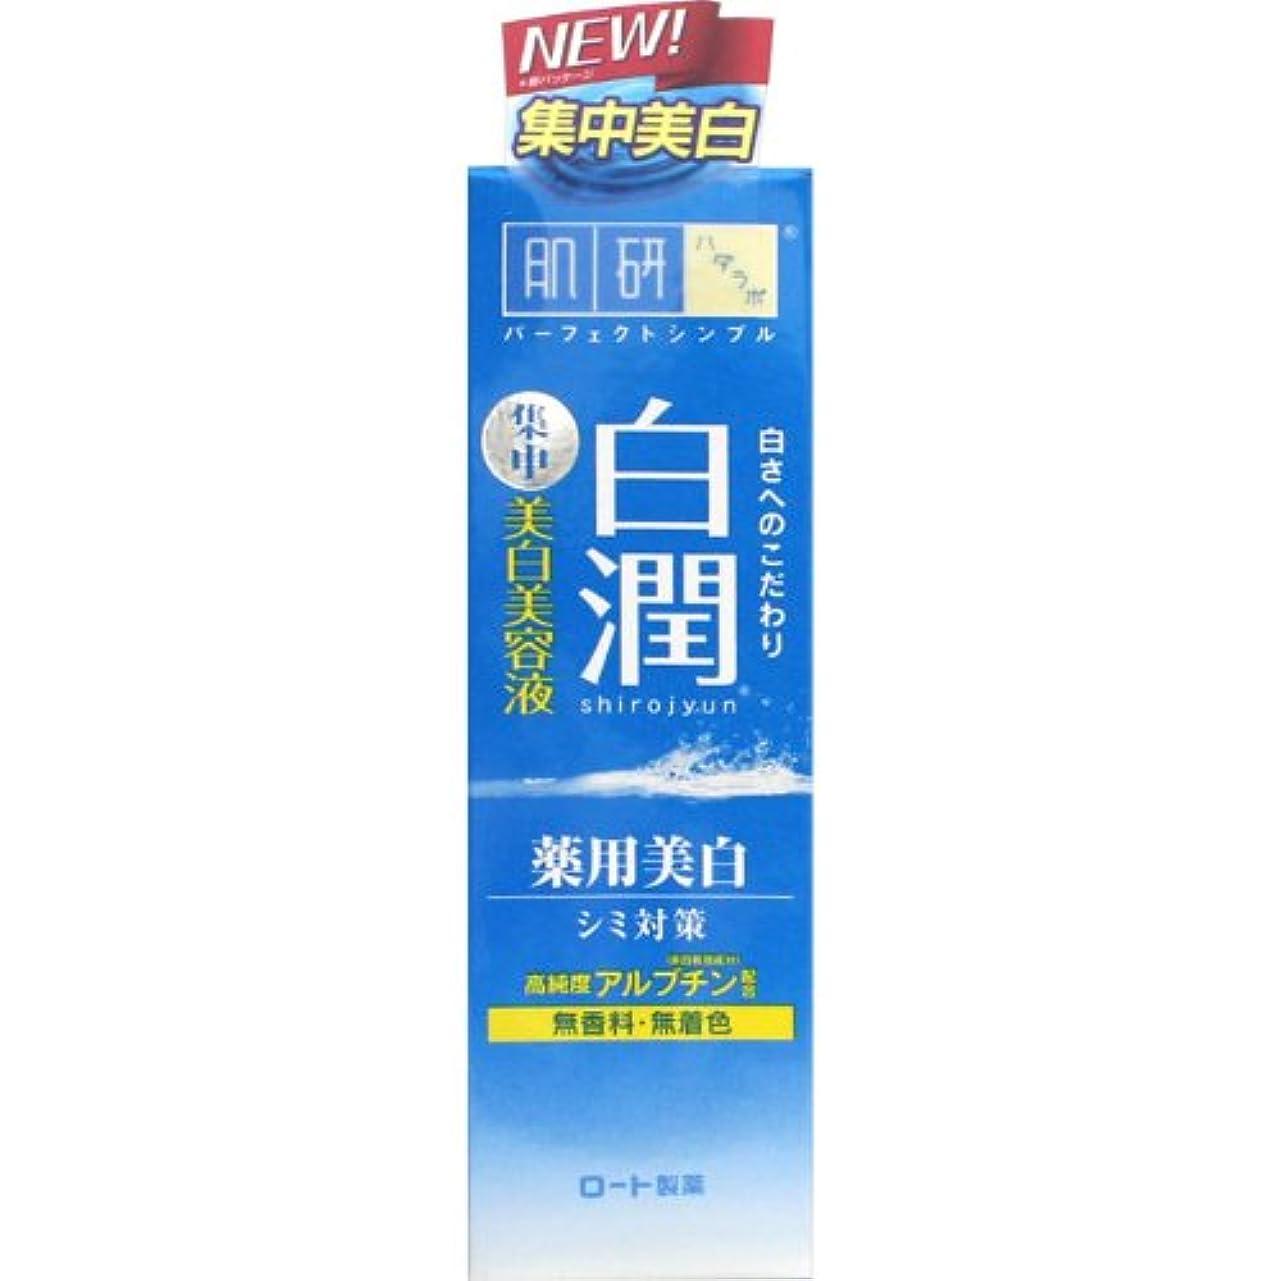 起こりやすいコミュニティコットン【医薬部外品】肌研(ハダラボ) 白潤 薬用美白美容液 30g